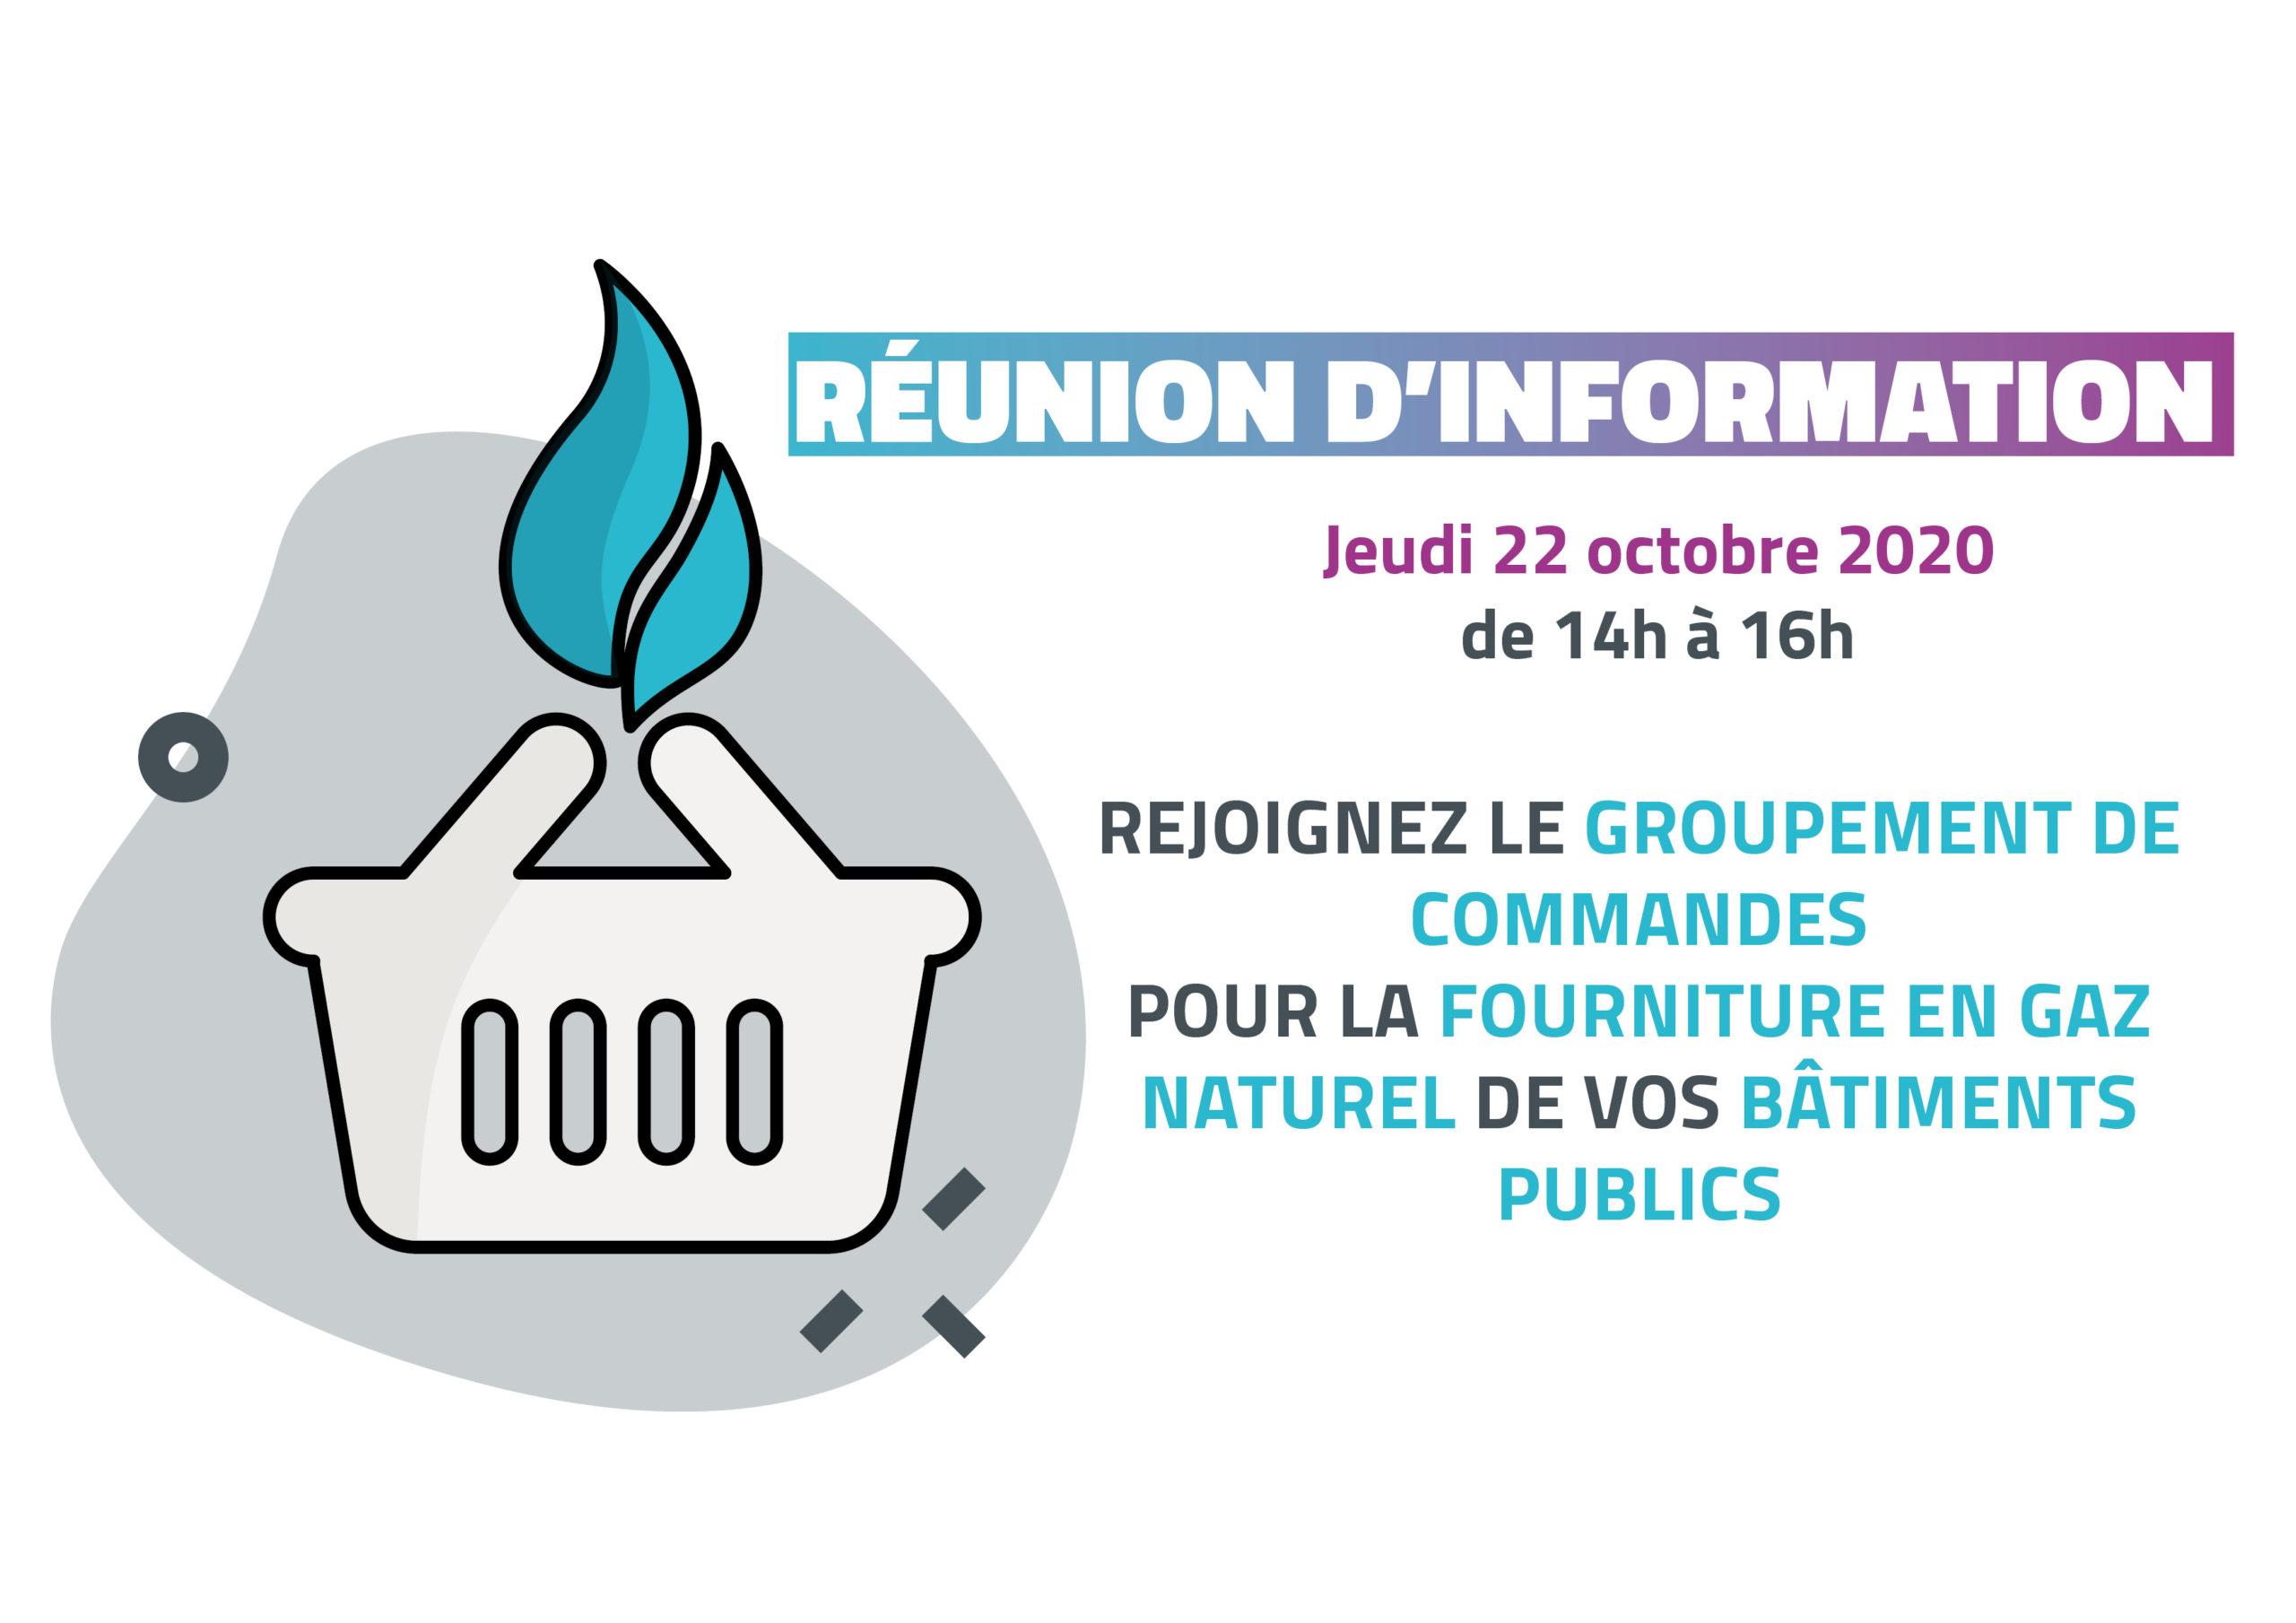 Réunion d'information – Rejoignez le groupement de commandes pour la fourniture en gaz naturel de vos bâtiments publics !